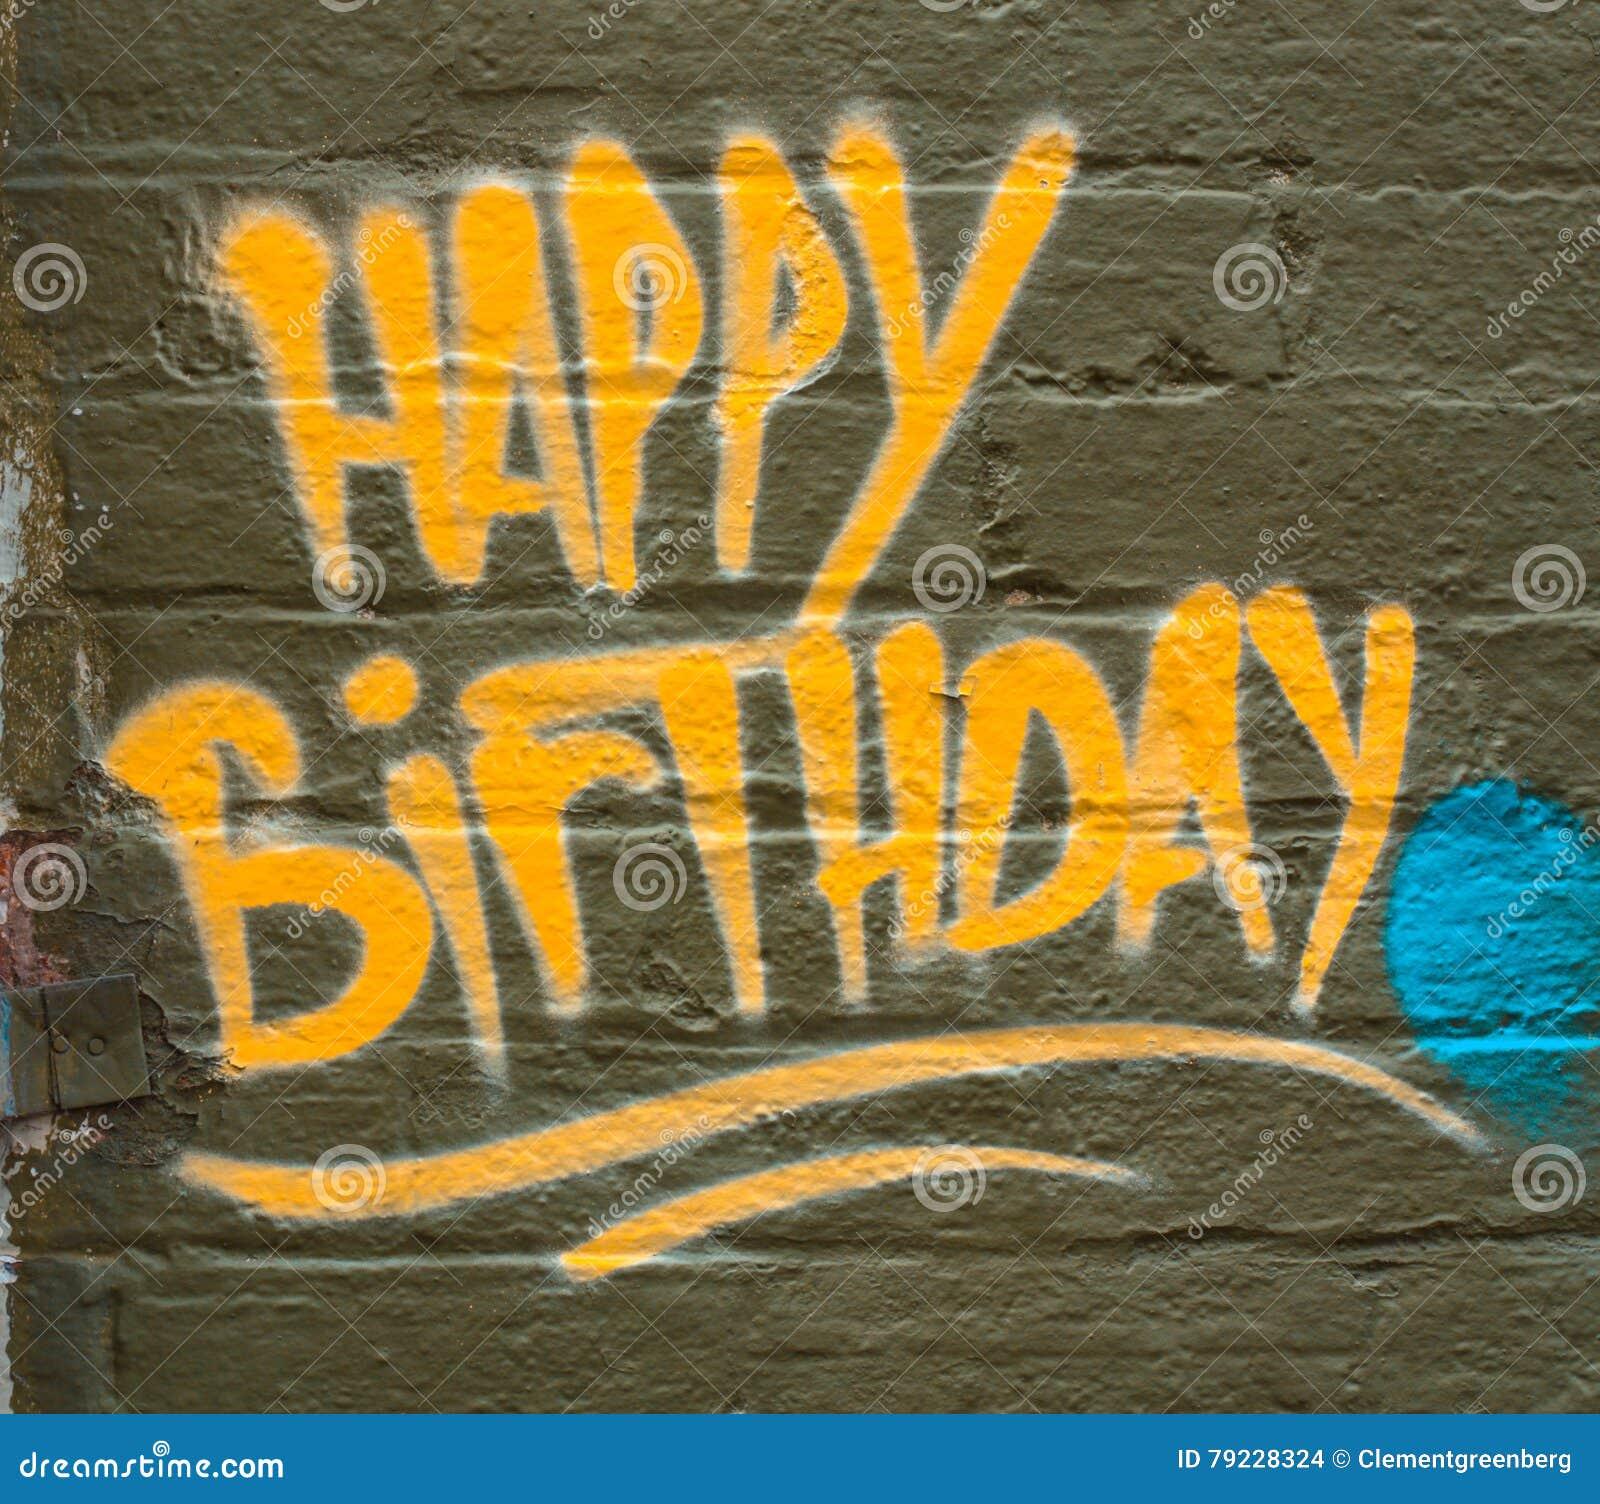 Happy Birthday Graffiti Greeting. Stock Photo - Image of anniversary ...